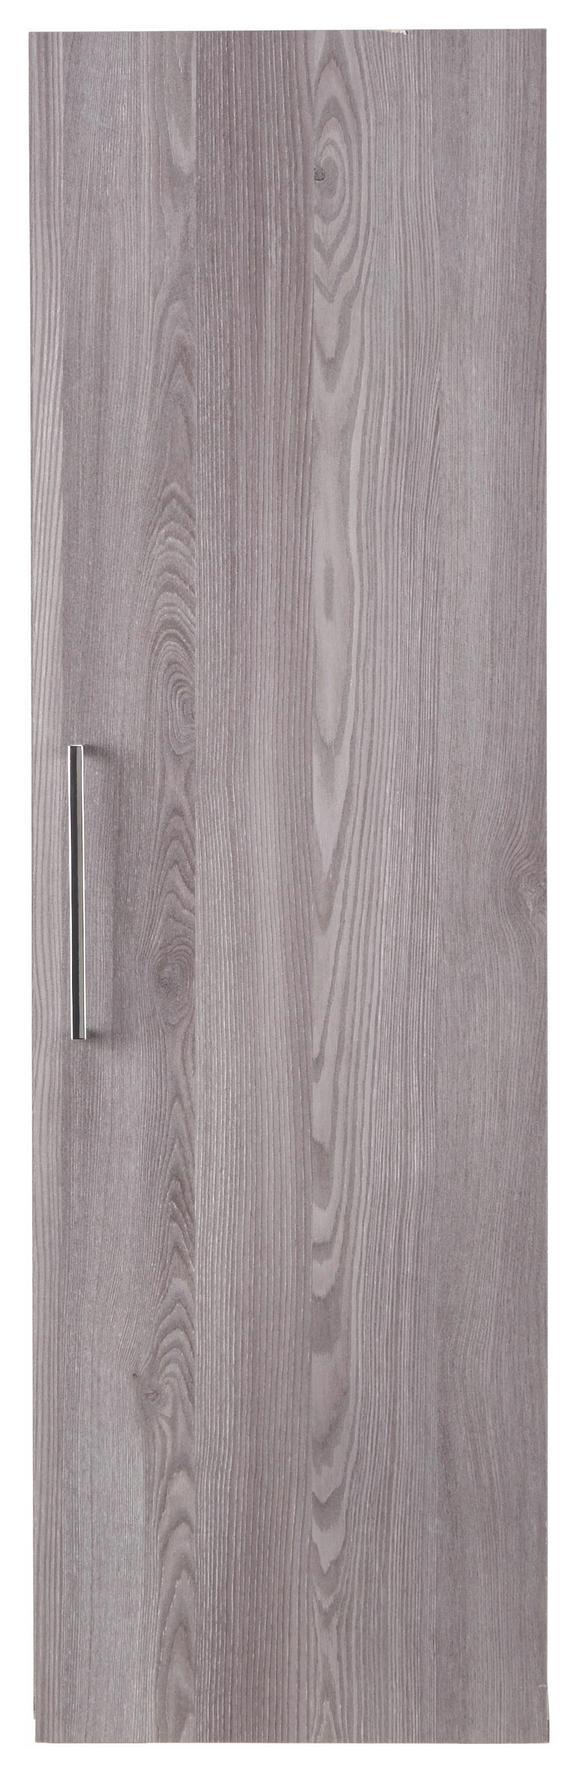 Hängeelement Grau - Silberfarben, MODERN, Holzwerkstoff/Kunststoff (35/116/35cm) - Premium Living